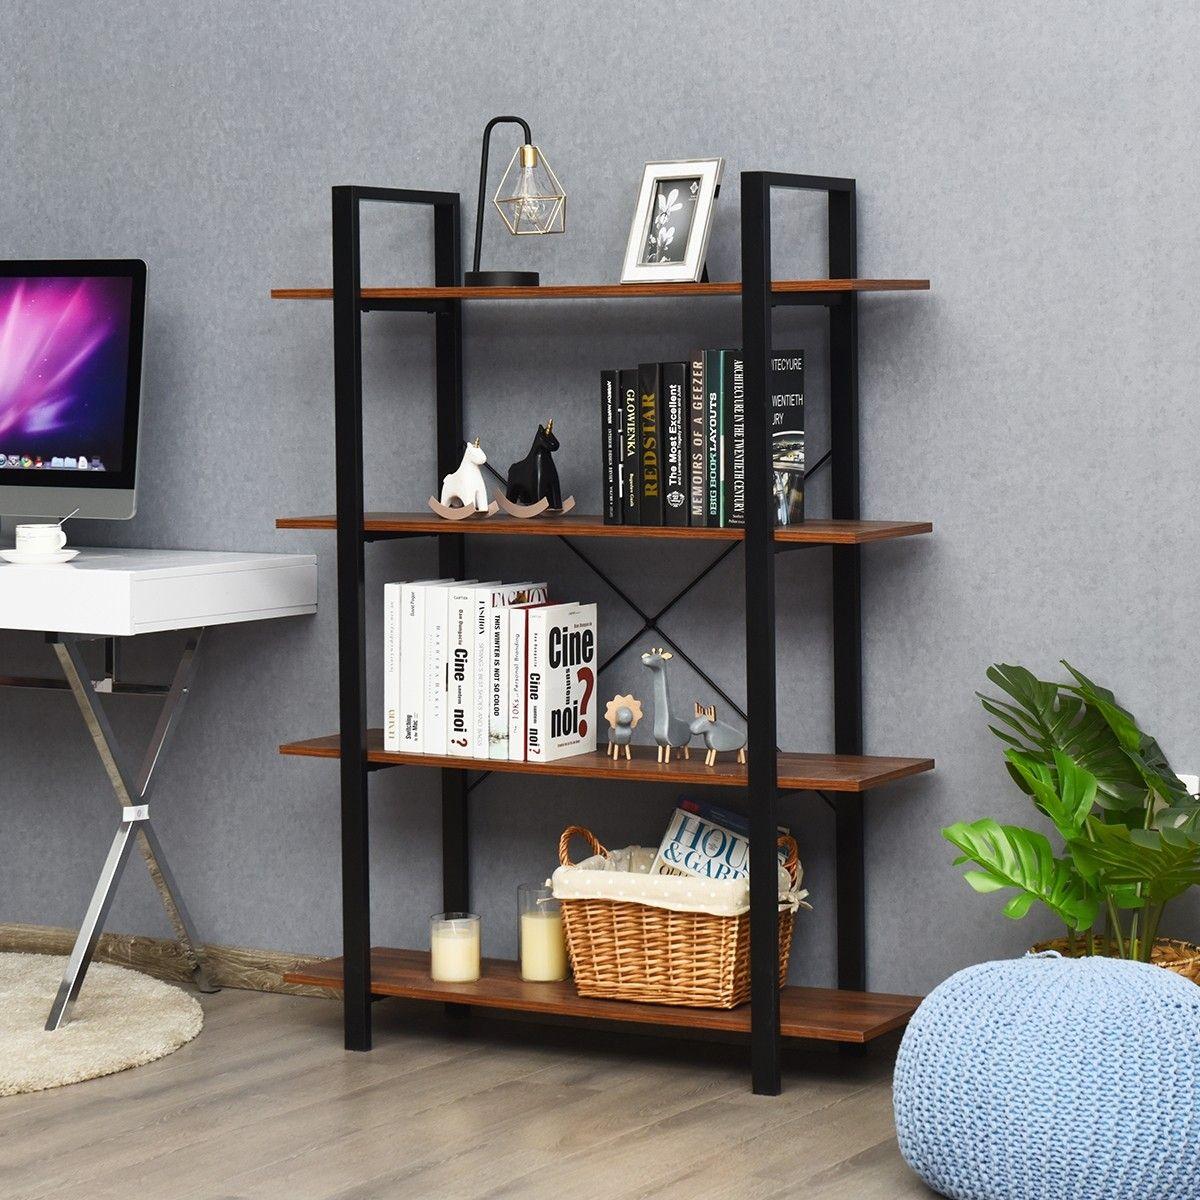 4 Tiers Bookshelf Industrial Bookcases Metal Frame Shelf Stand Frame Shelf Shelves Industrial Bookcases